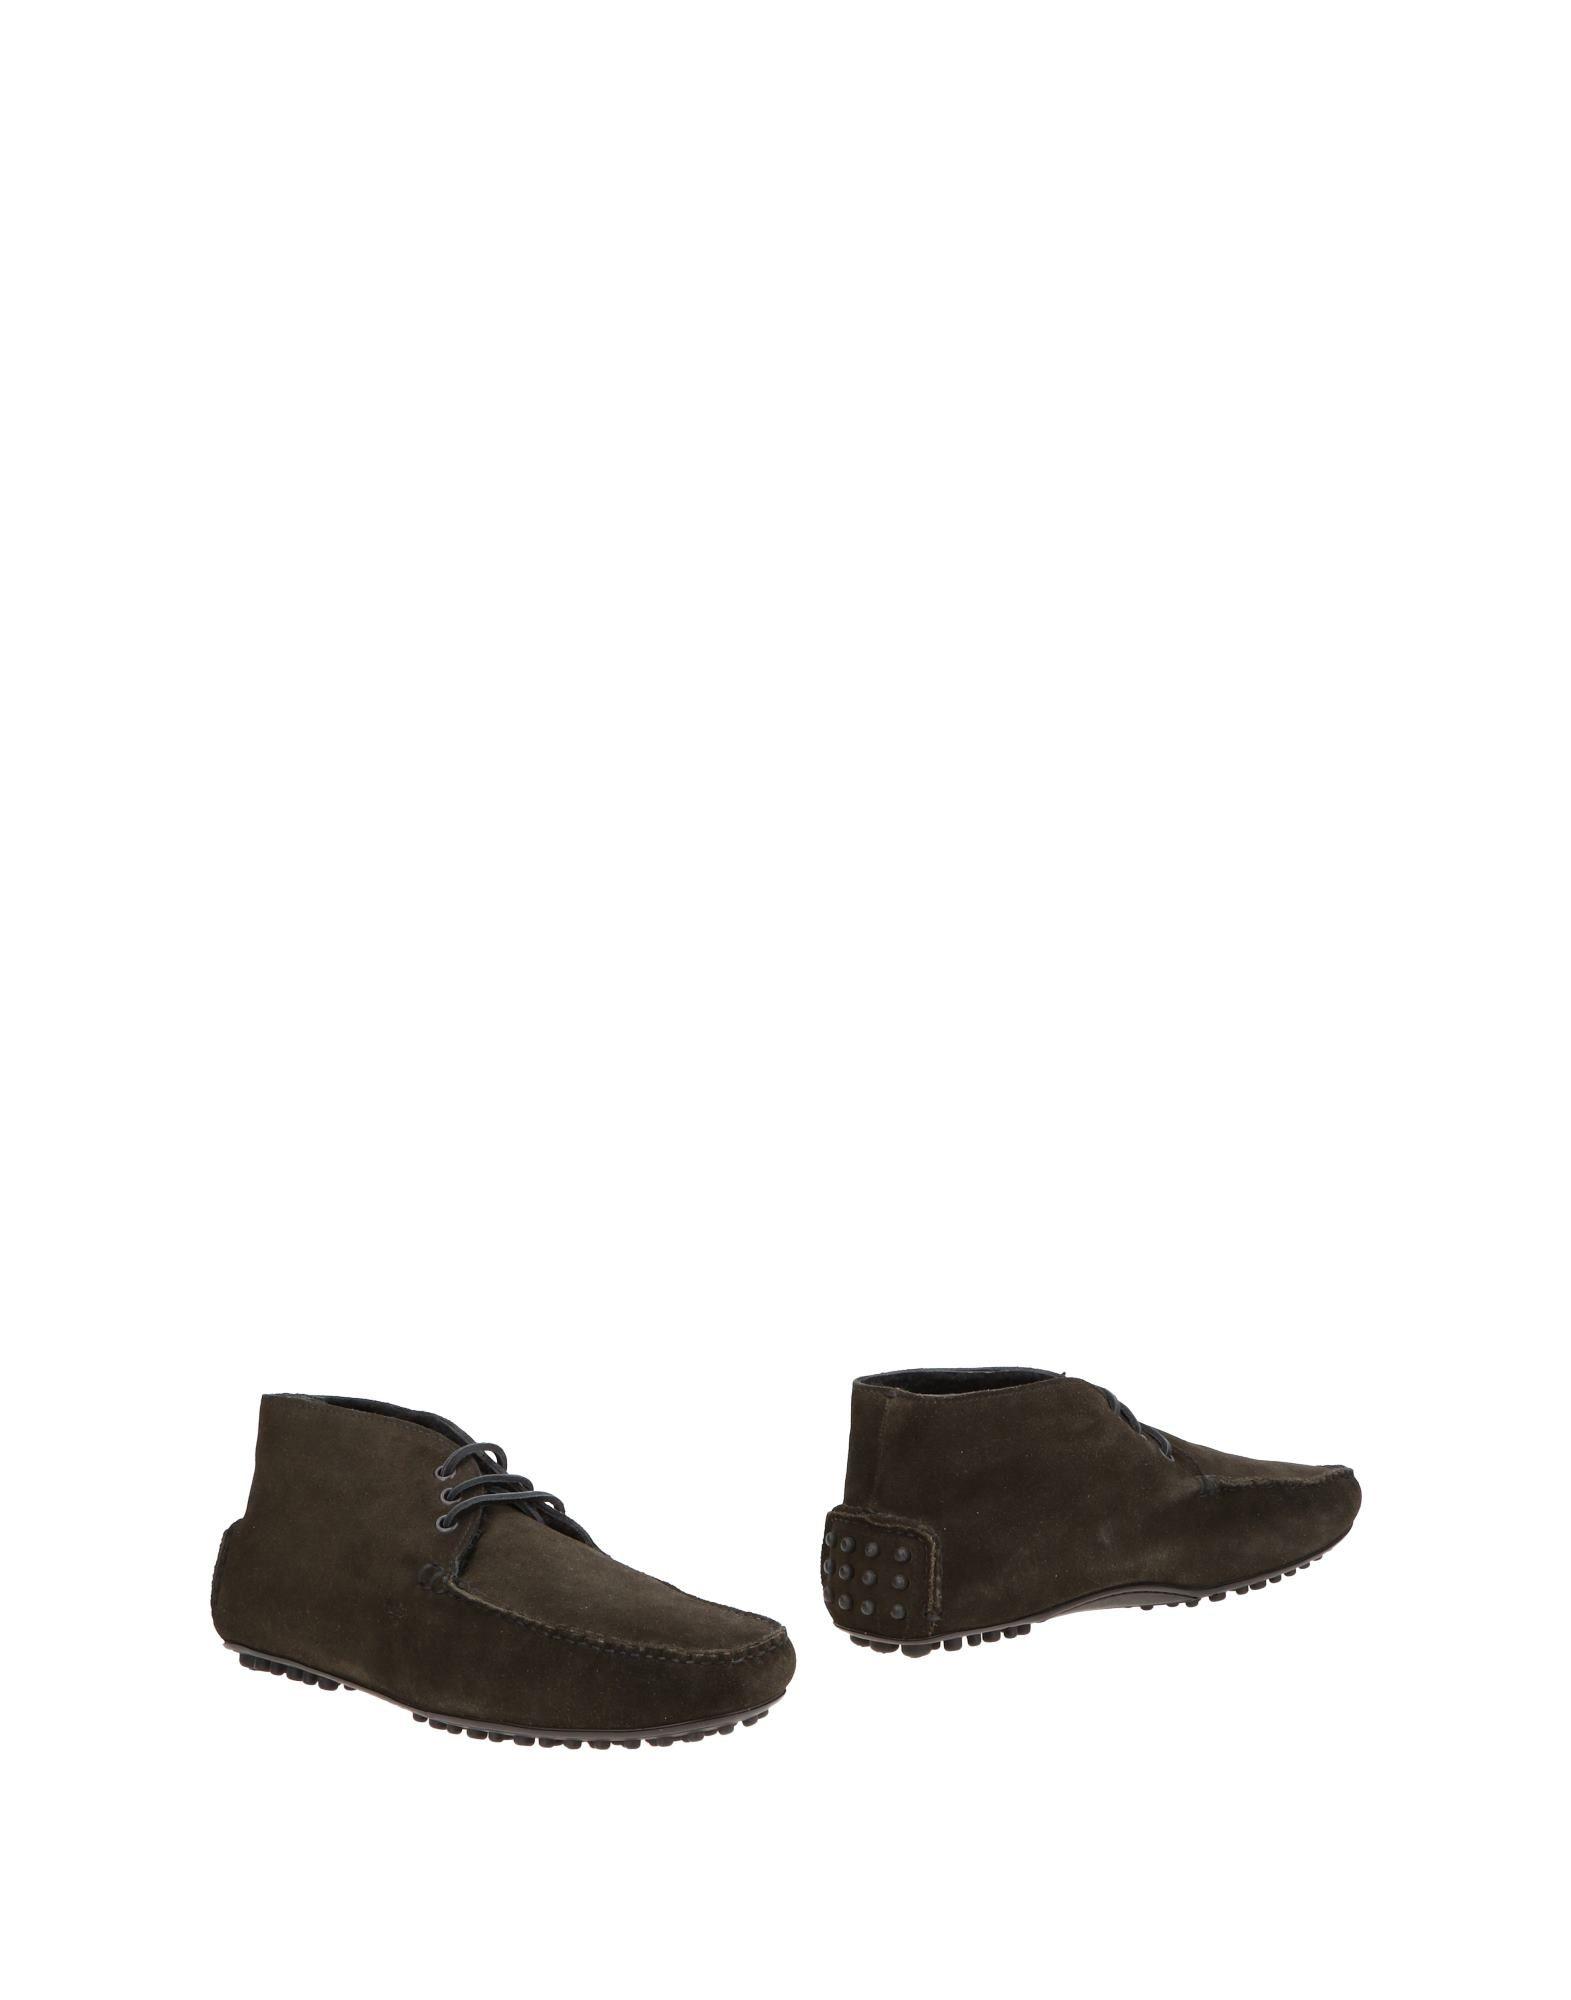 Carshoe Stiefelette Herren  11498386NG Gute Qualität beliebte Schuhe